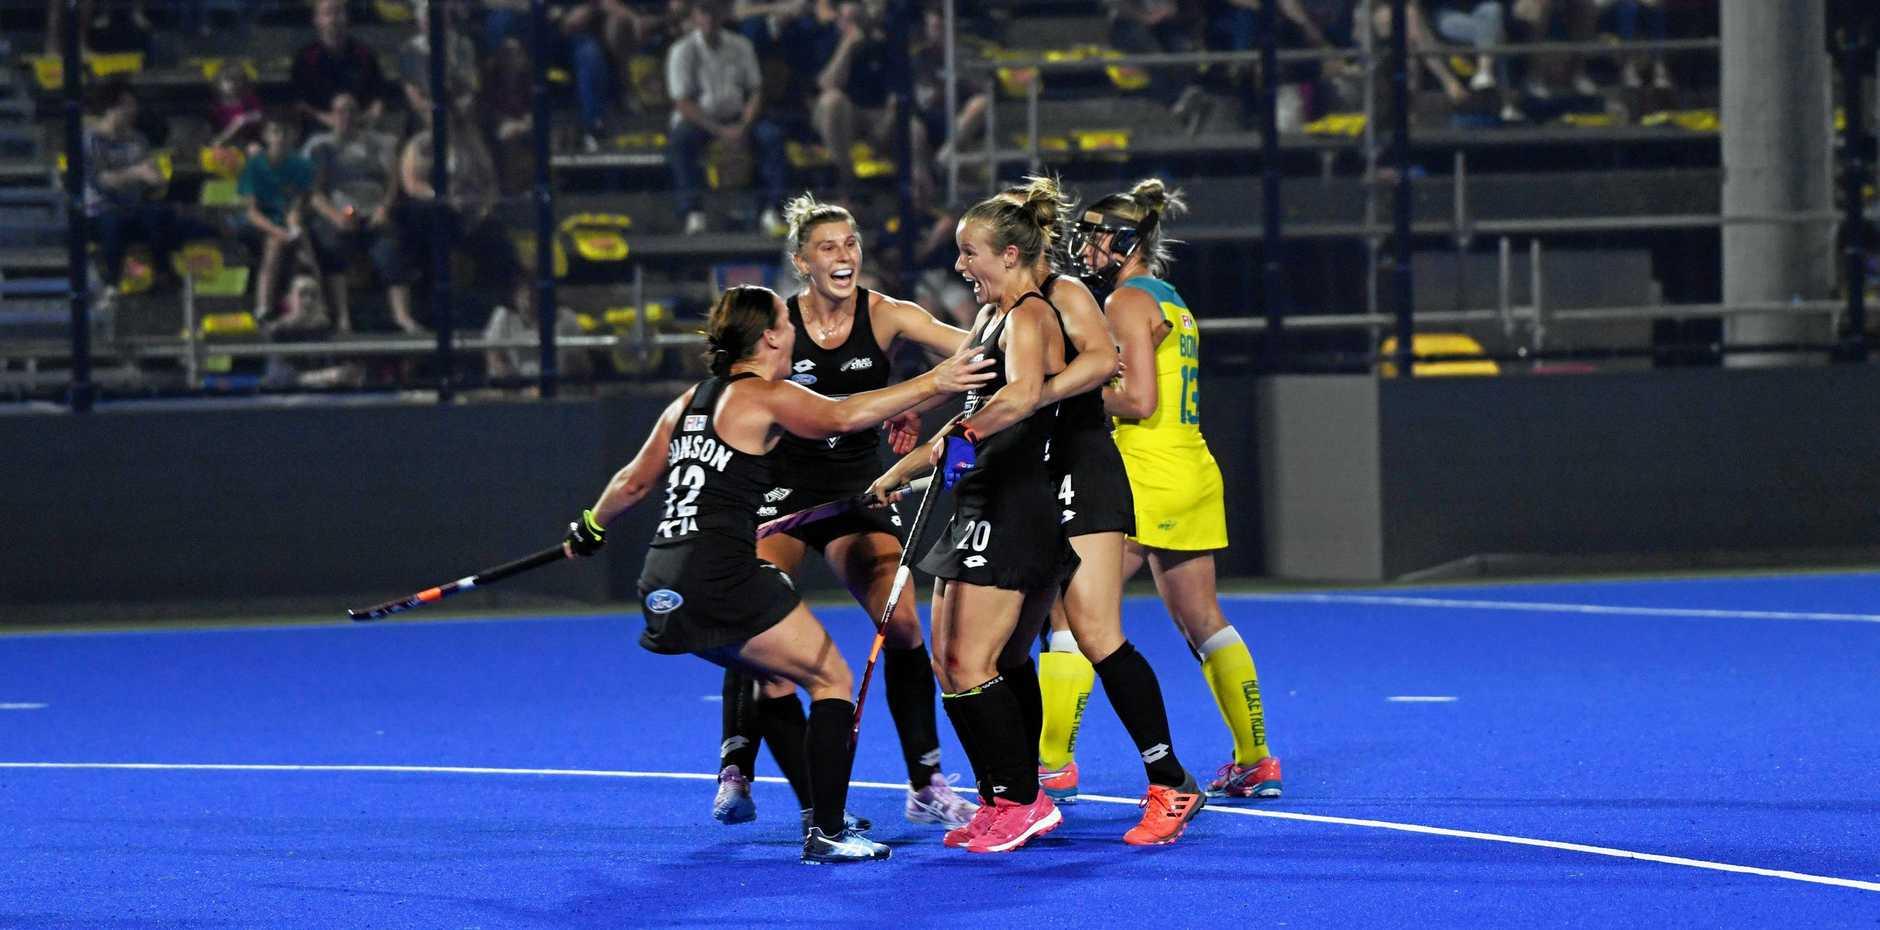 New Zealand celebrate scoring.